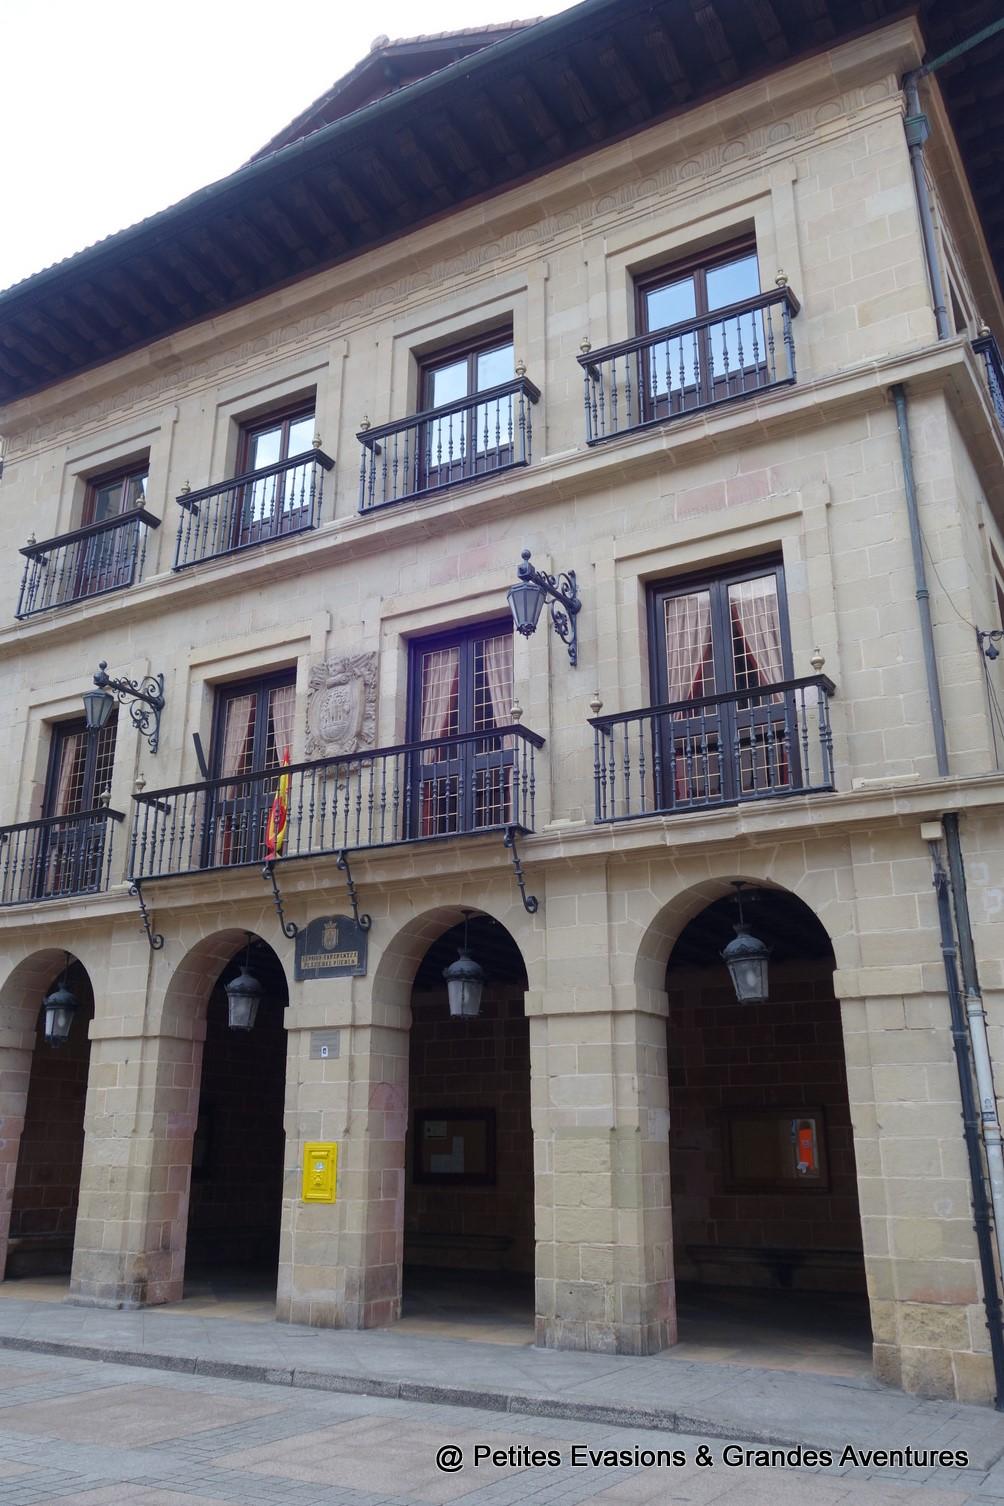 Façade de l'Hôtel de ville d'Errenteria